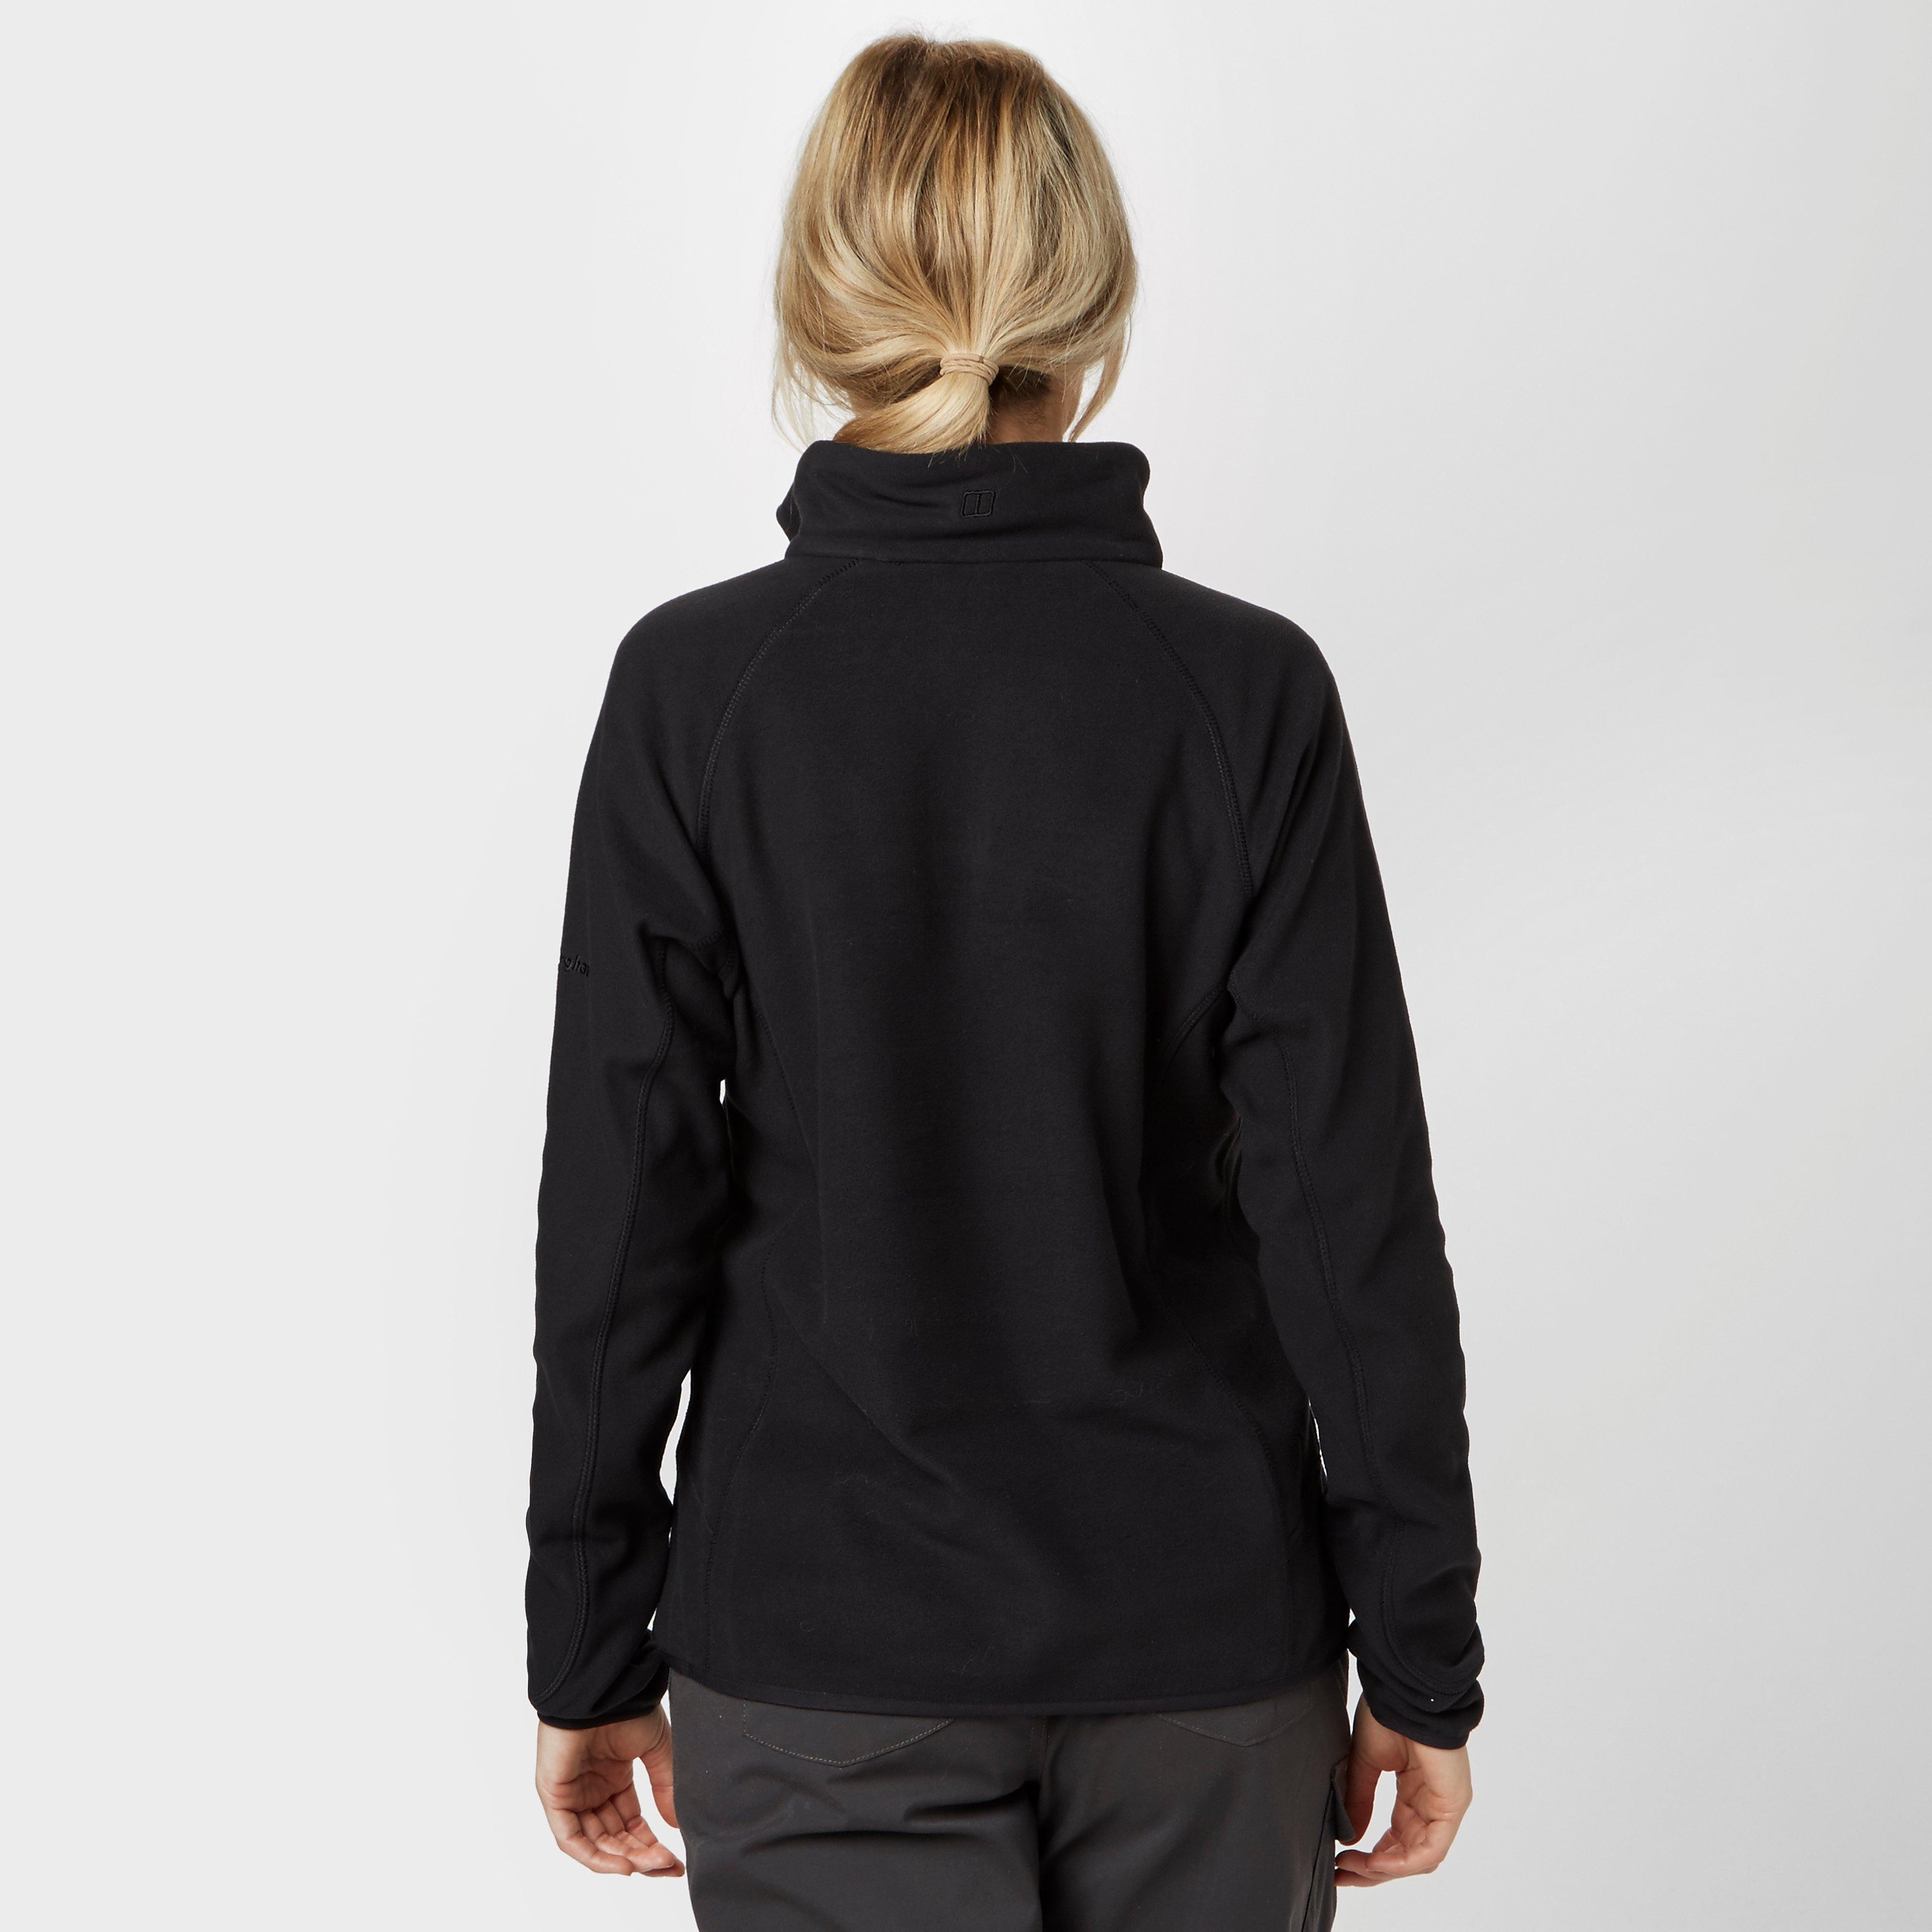 Berghaus Hartsop 1/2 Zip Women's Micro Fleece